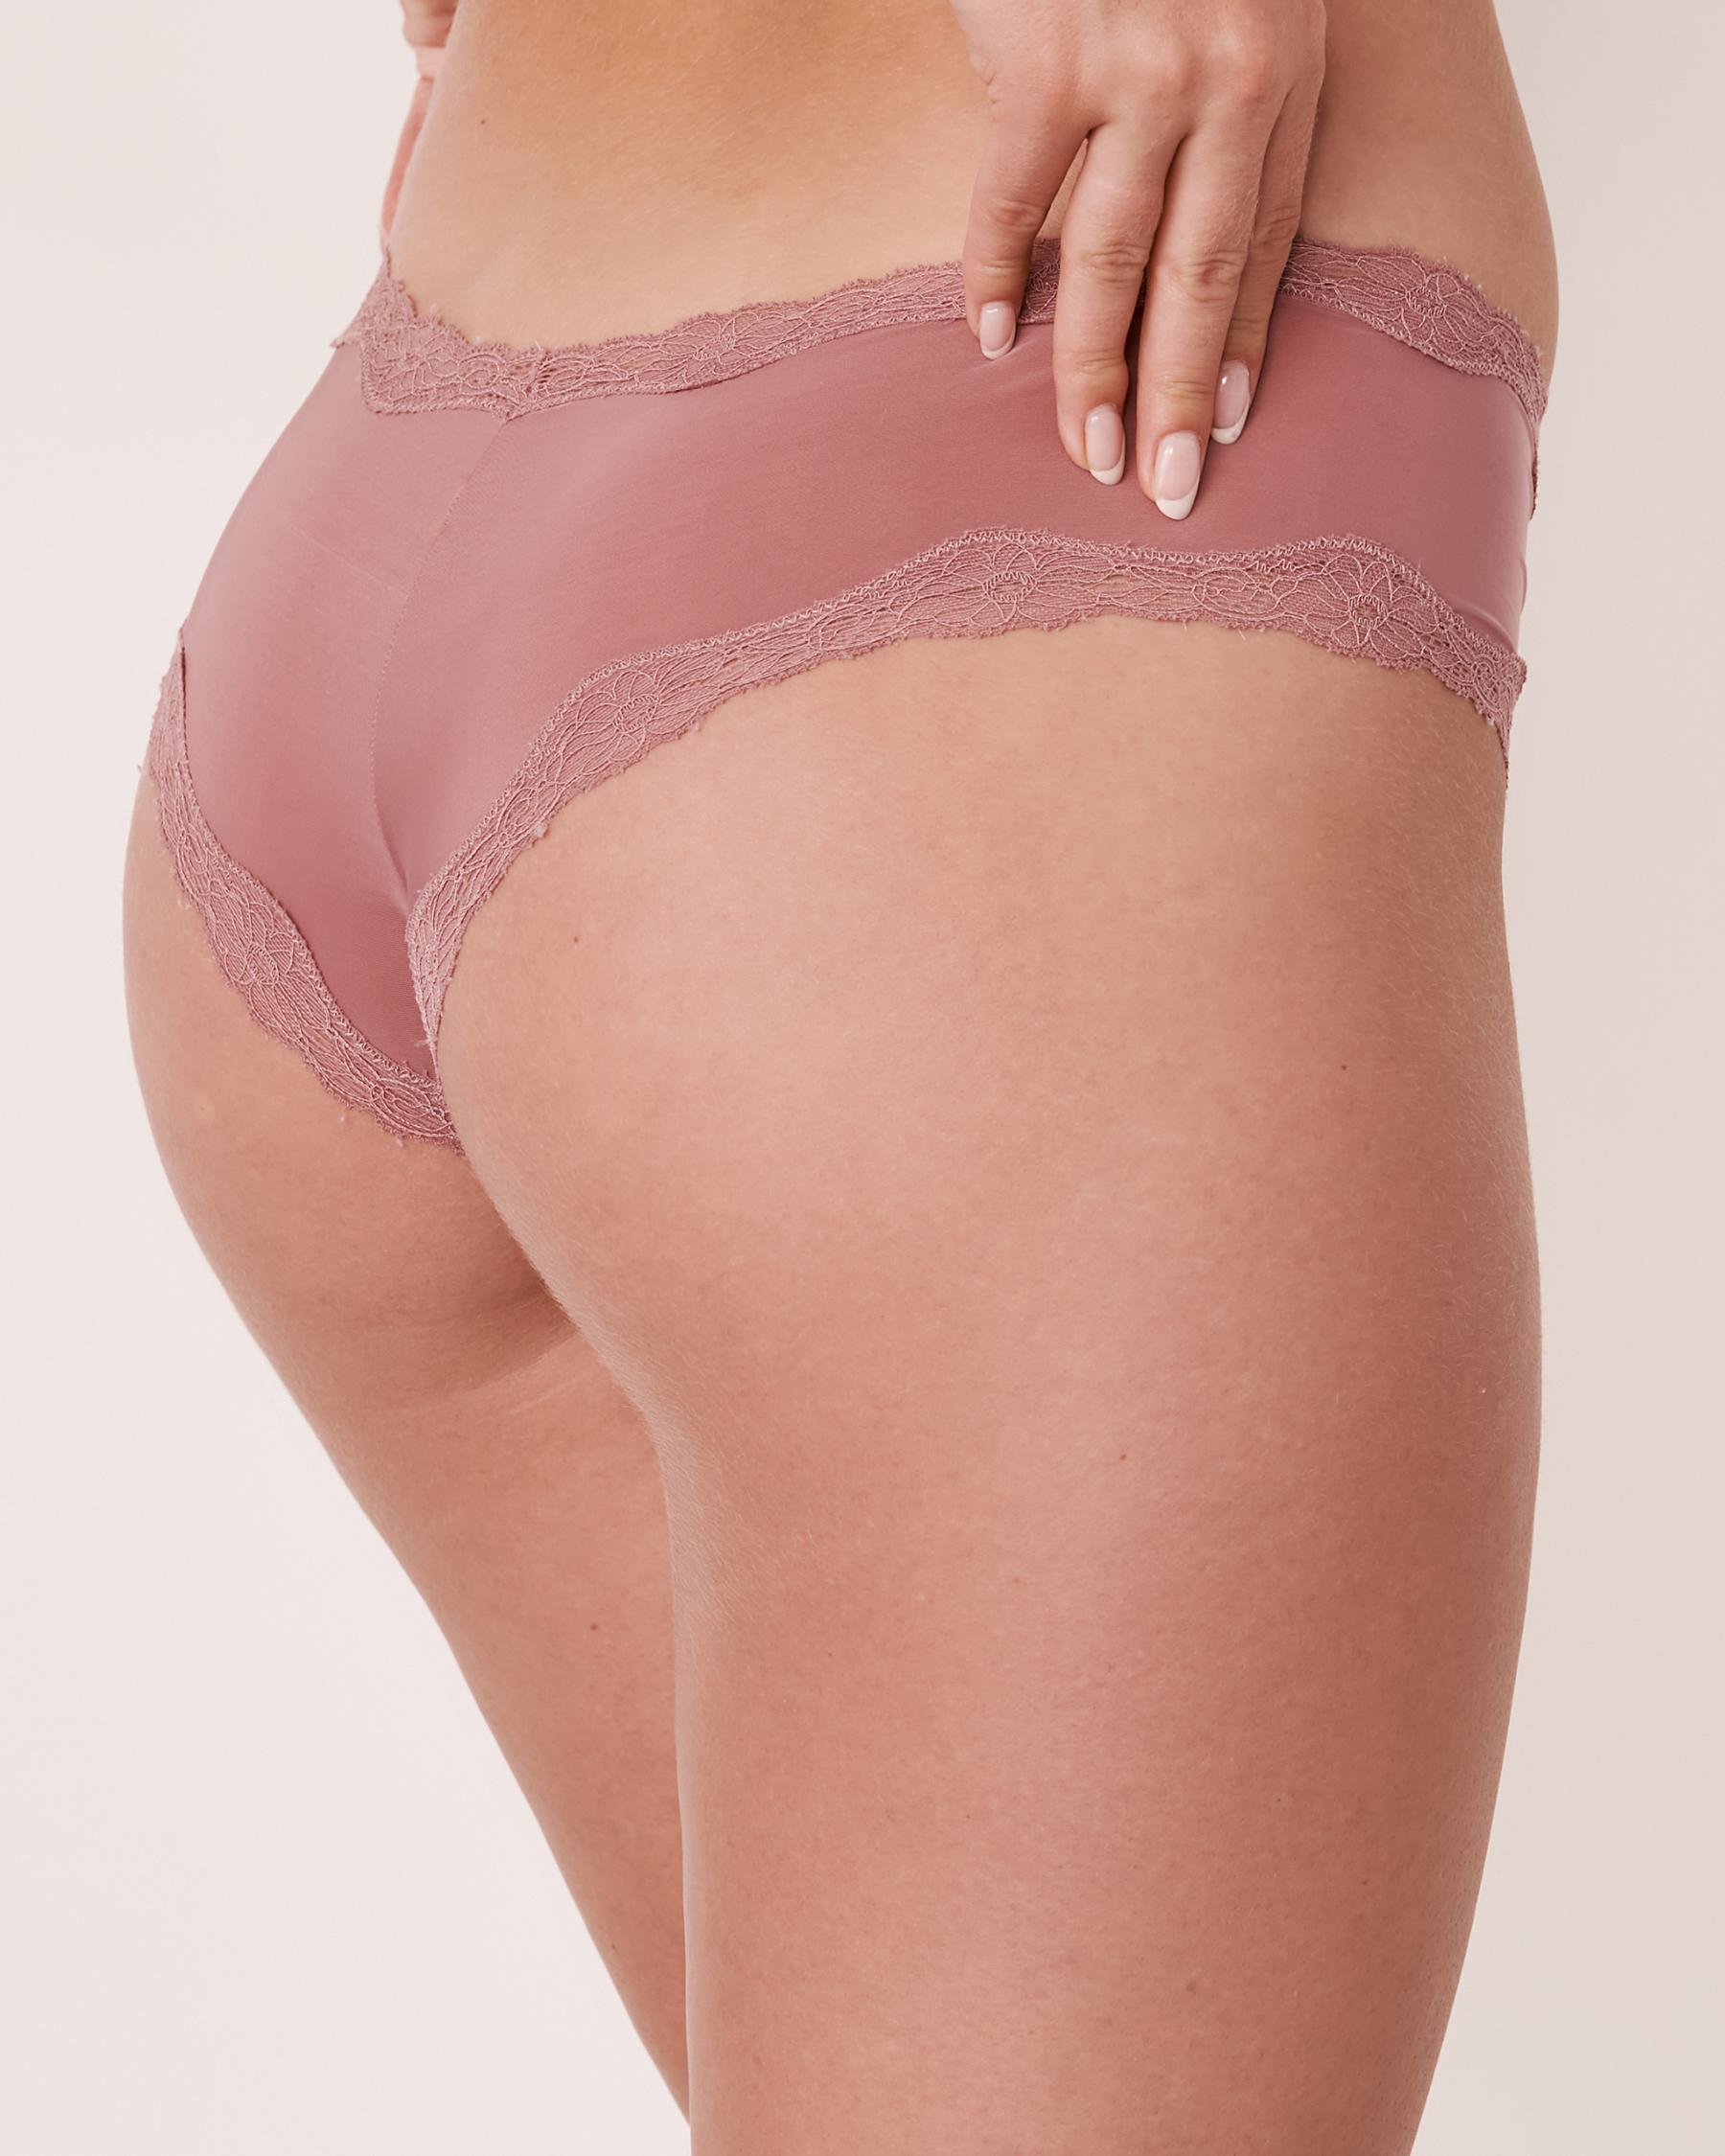 LA VIE EN ROSE Cheeky Panty Old pink 20200075 - View2